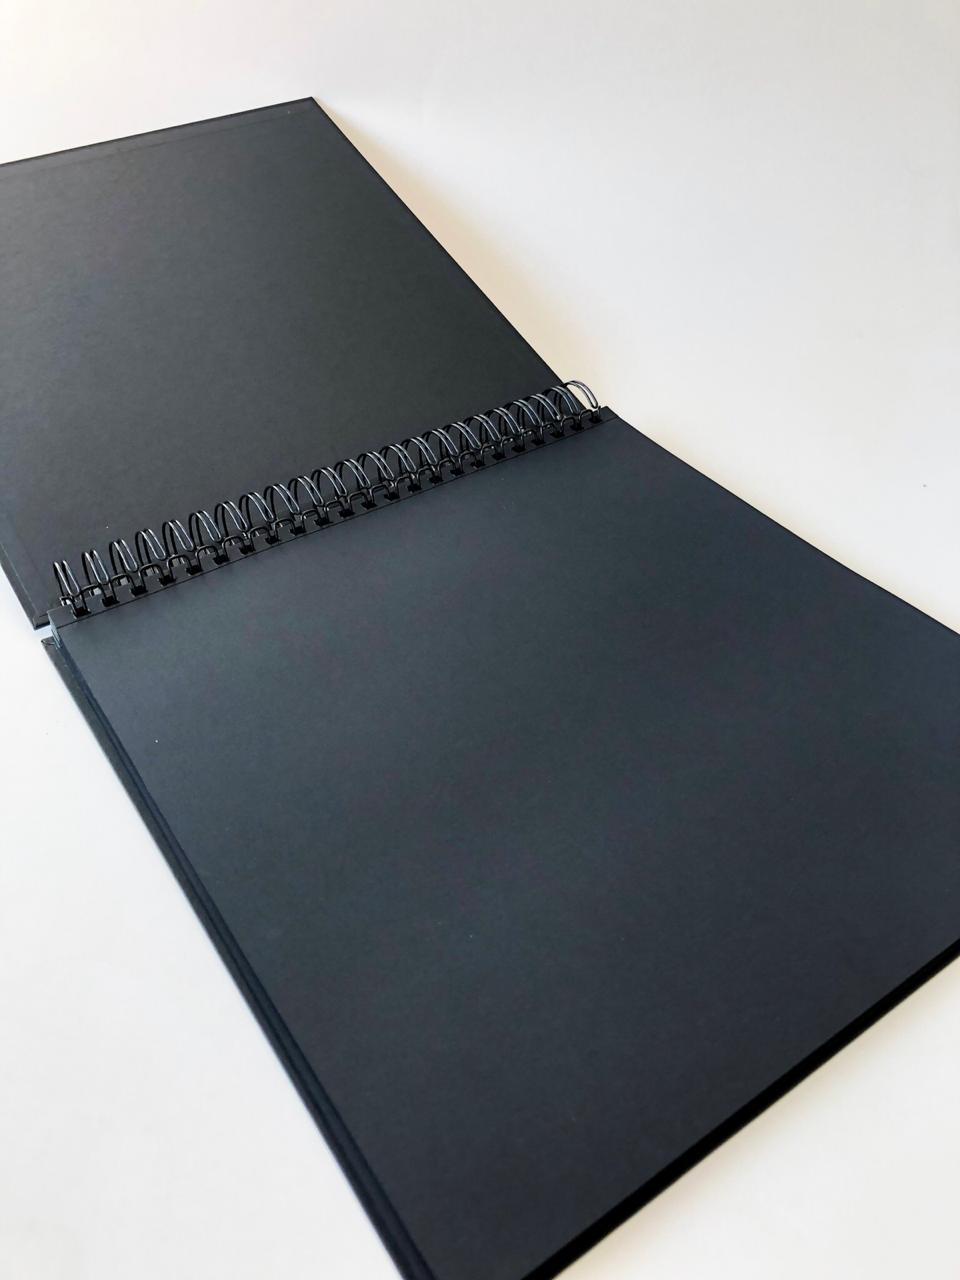 Álbum 30 x 30 com Wire-O Preto - JuJu Scrapbook  - JuJu Scrapbook